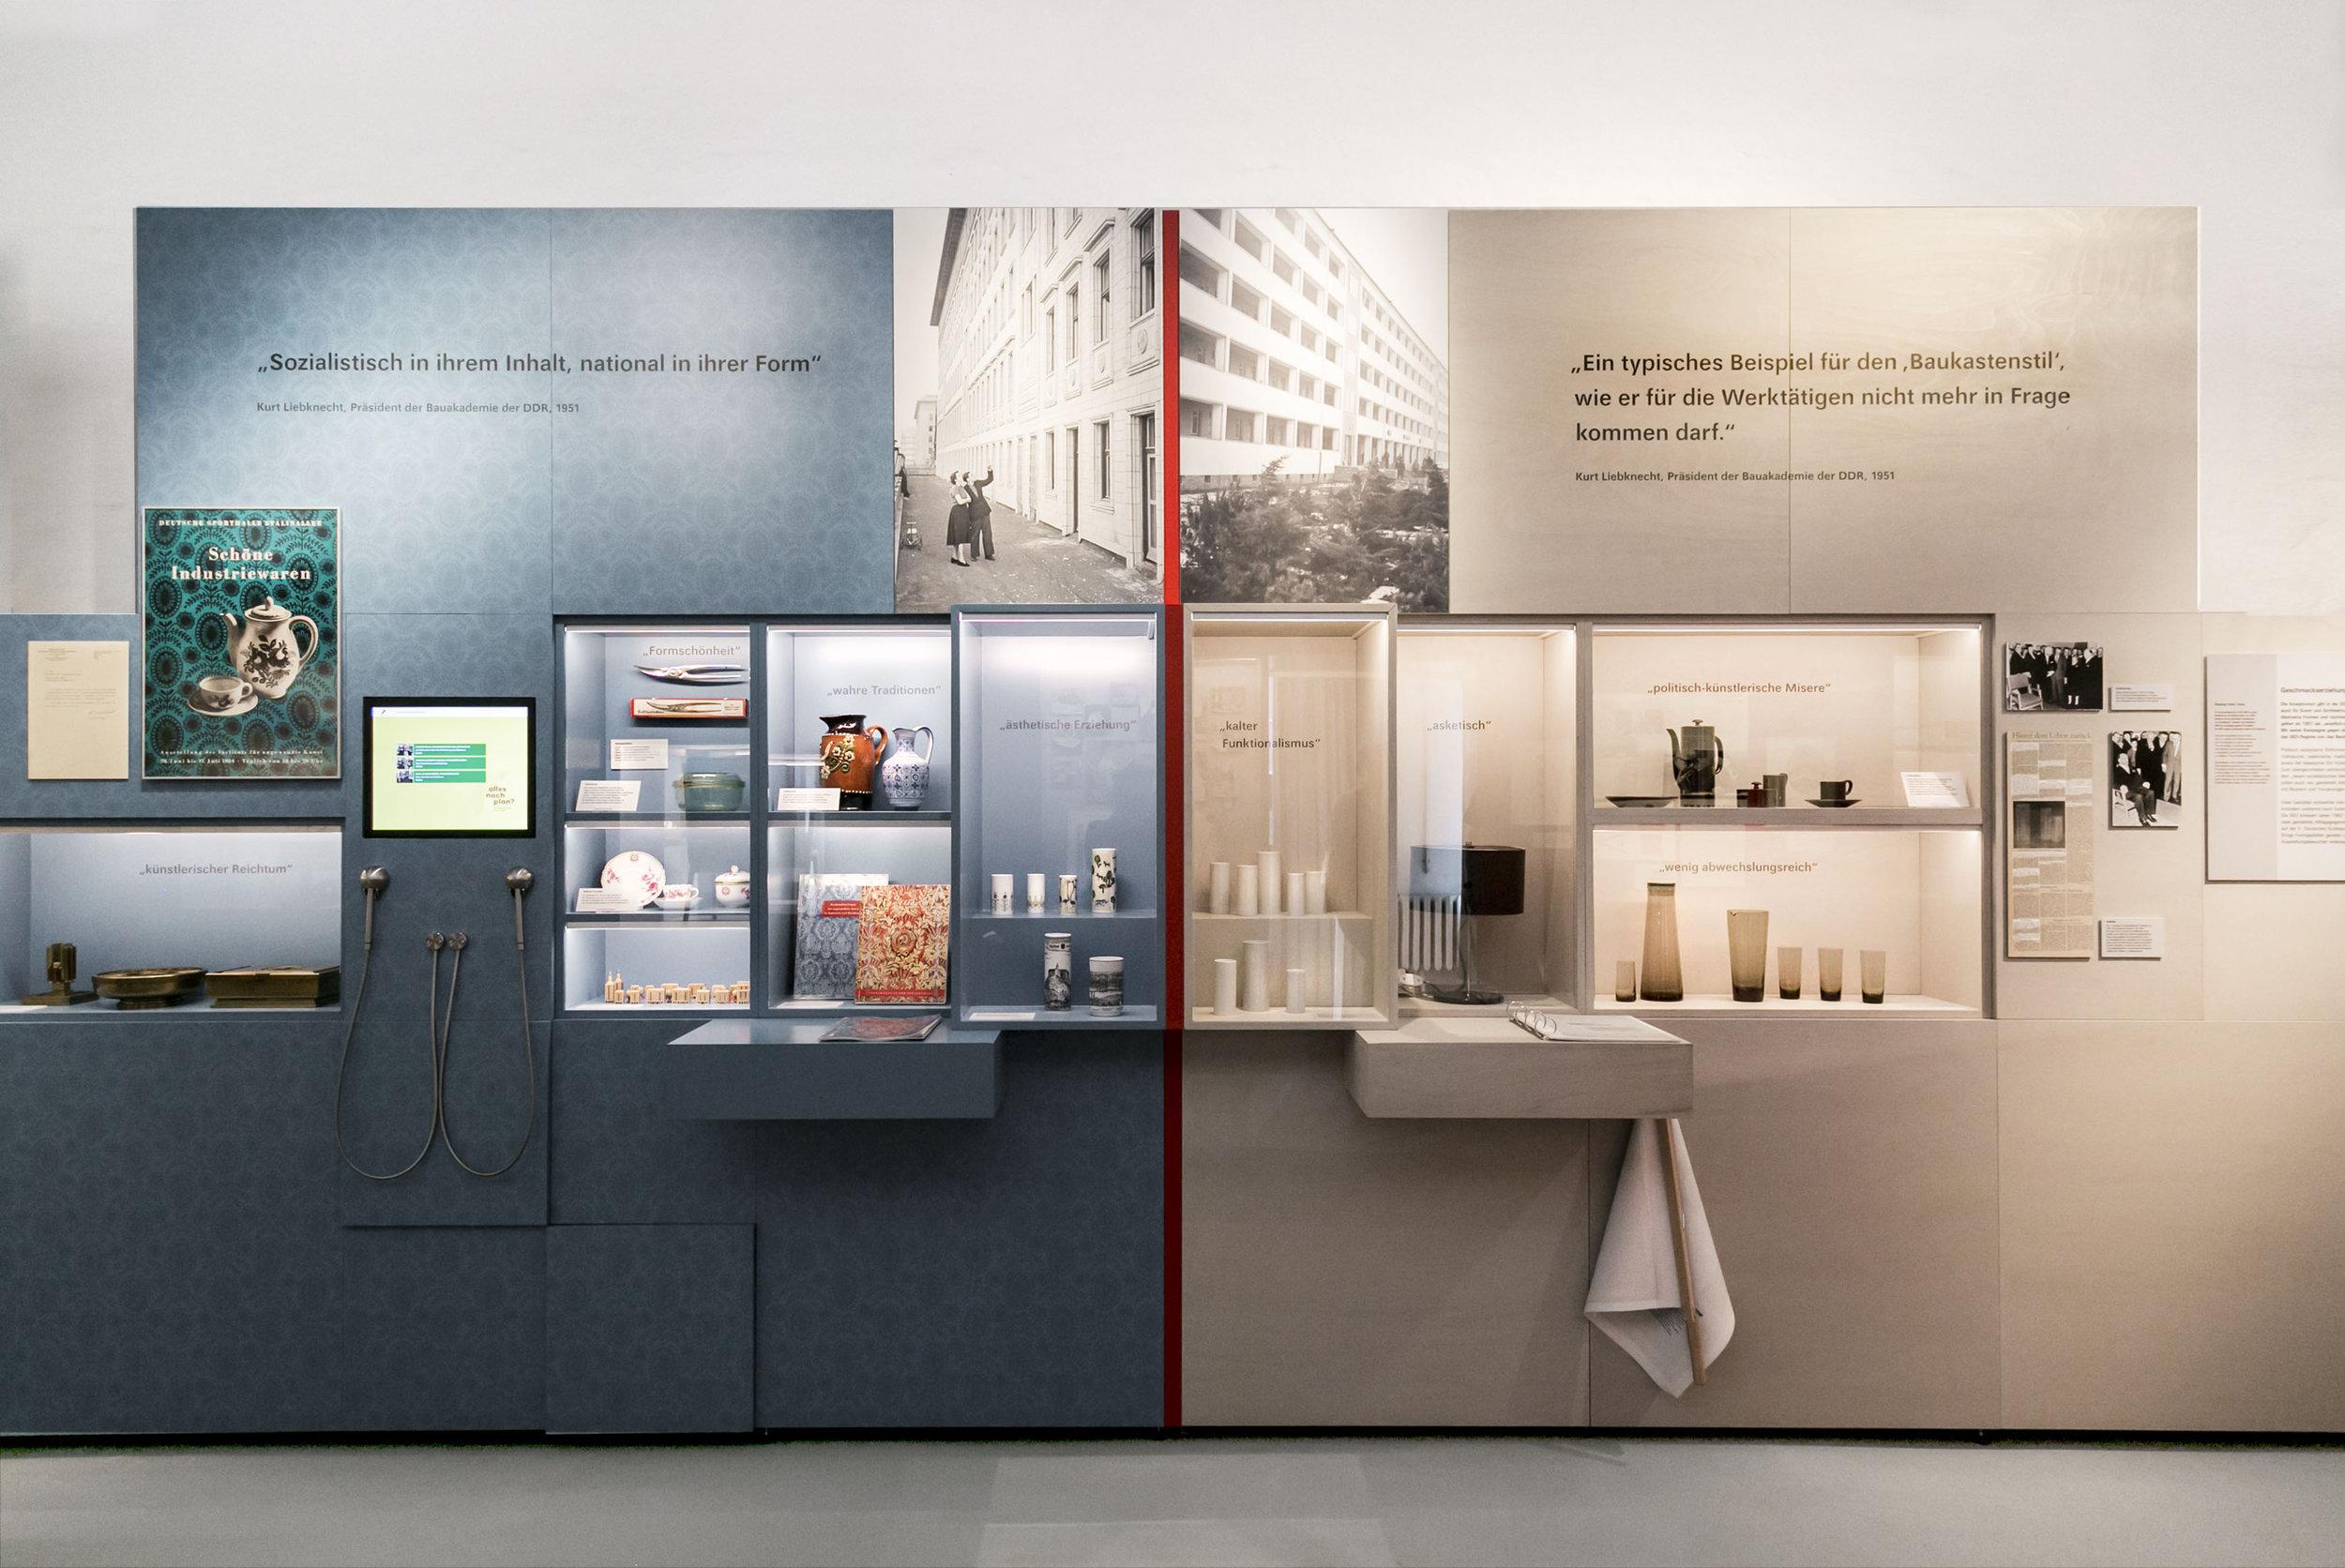 alles-nach-plan_museum-exhibition-design_coordination-berlin_005.jpg